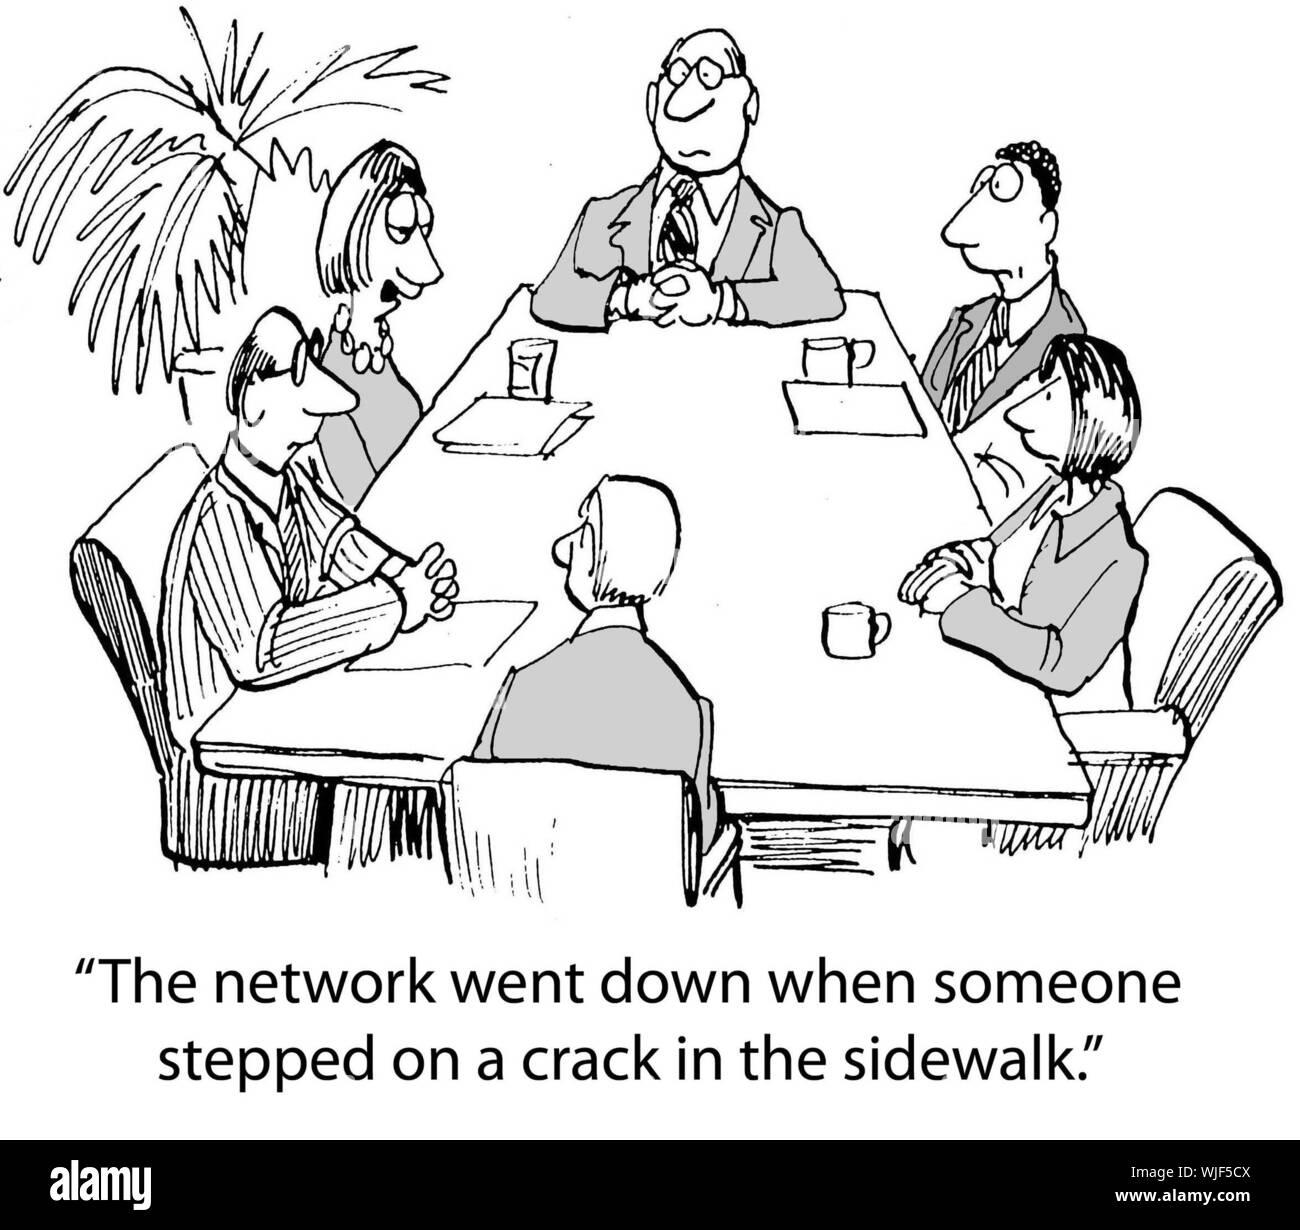 """'Le réseau se couchait quand quelqu'un marché sur une fissure dans le trottoir."""" Banque D'Images"""